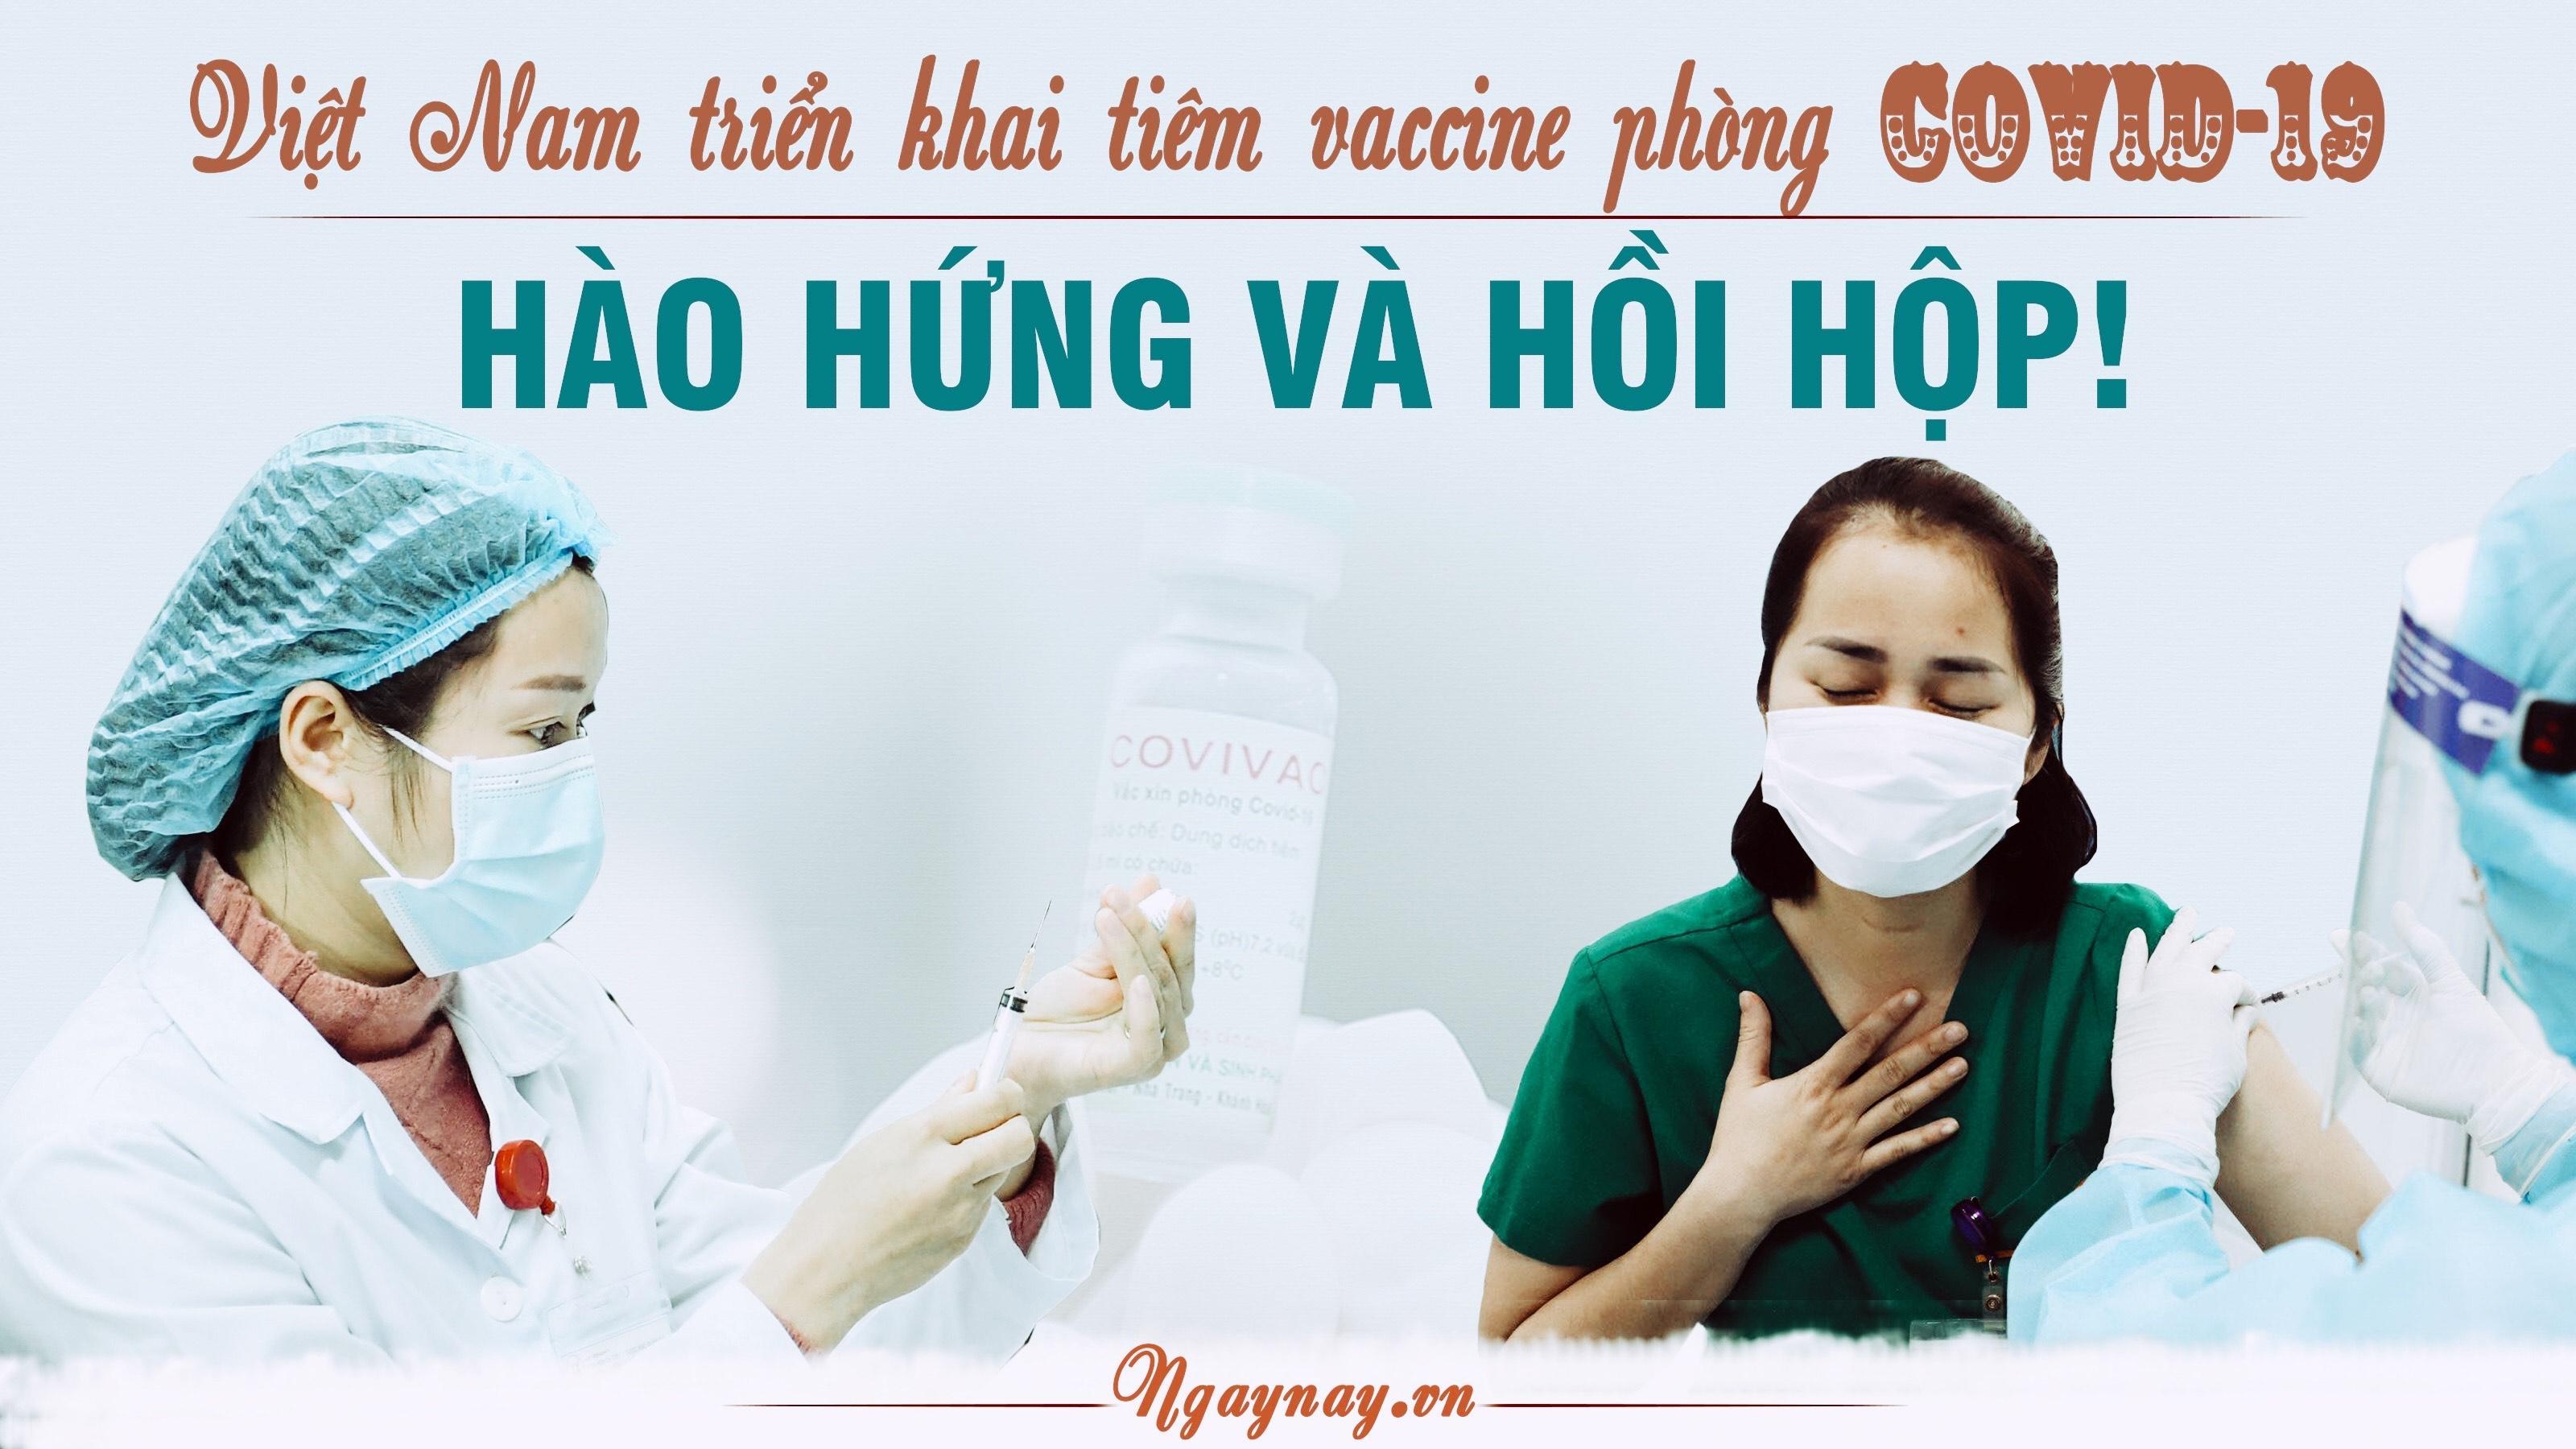 Việt Nam triển khai tiêm vaccine phòng COVID-19: Hào hứng và hồi hộp!